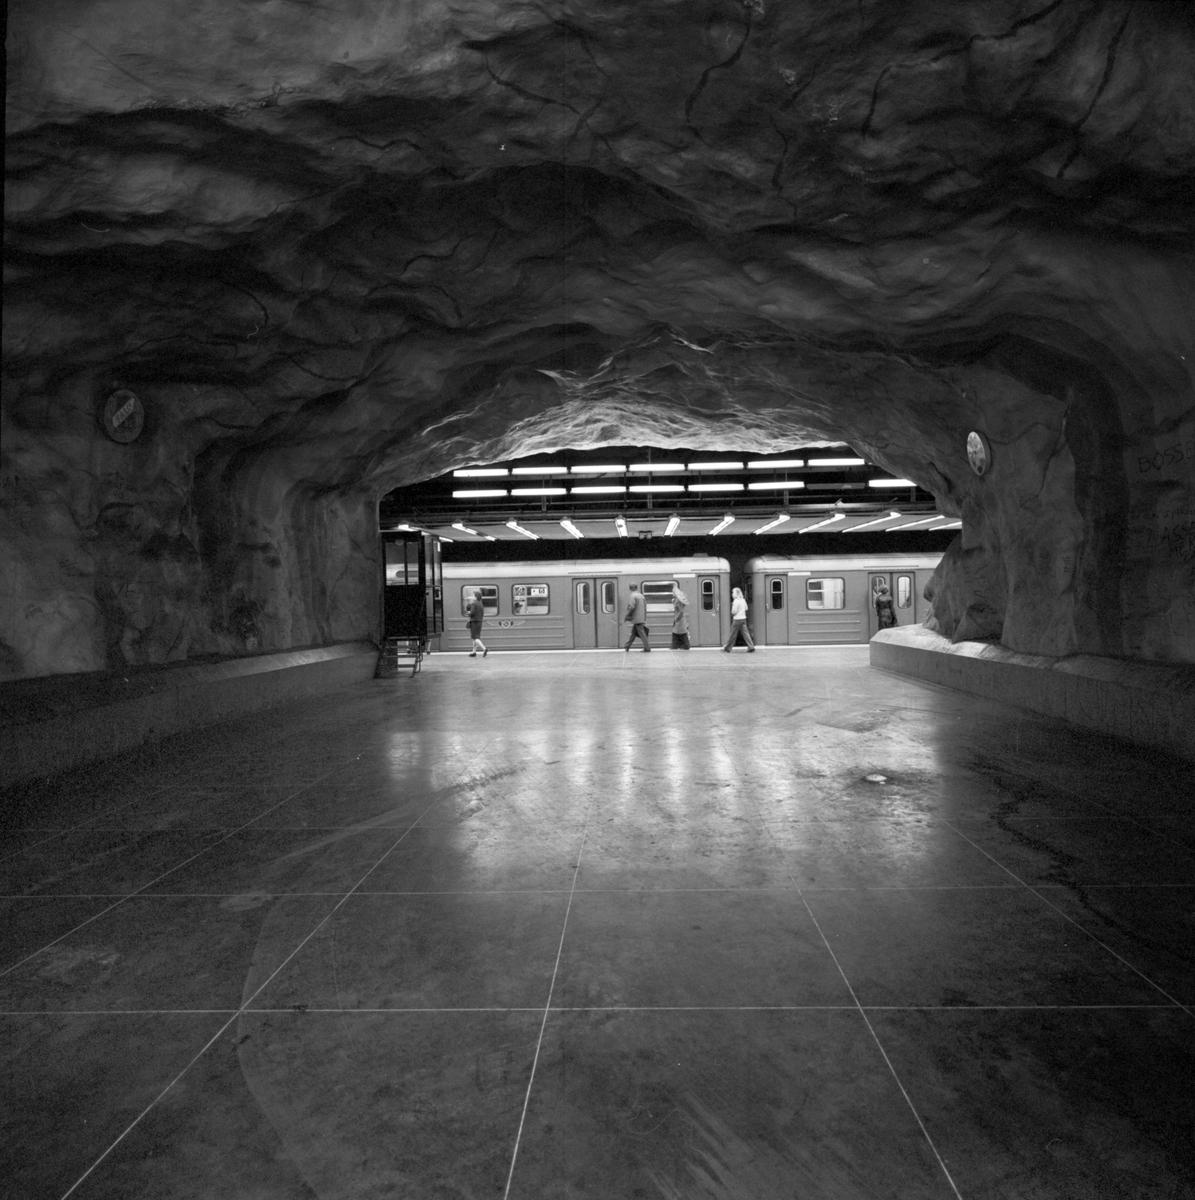 Förbindelse tunnel för gående. Stockholms T-bana.